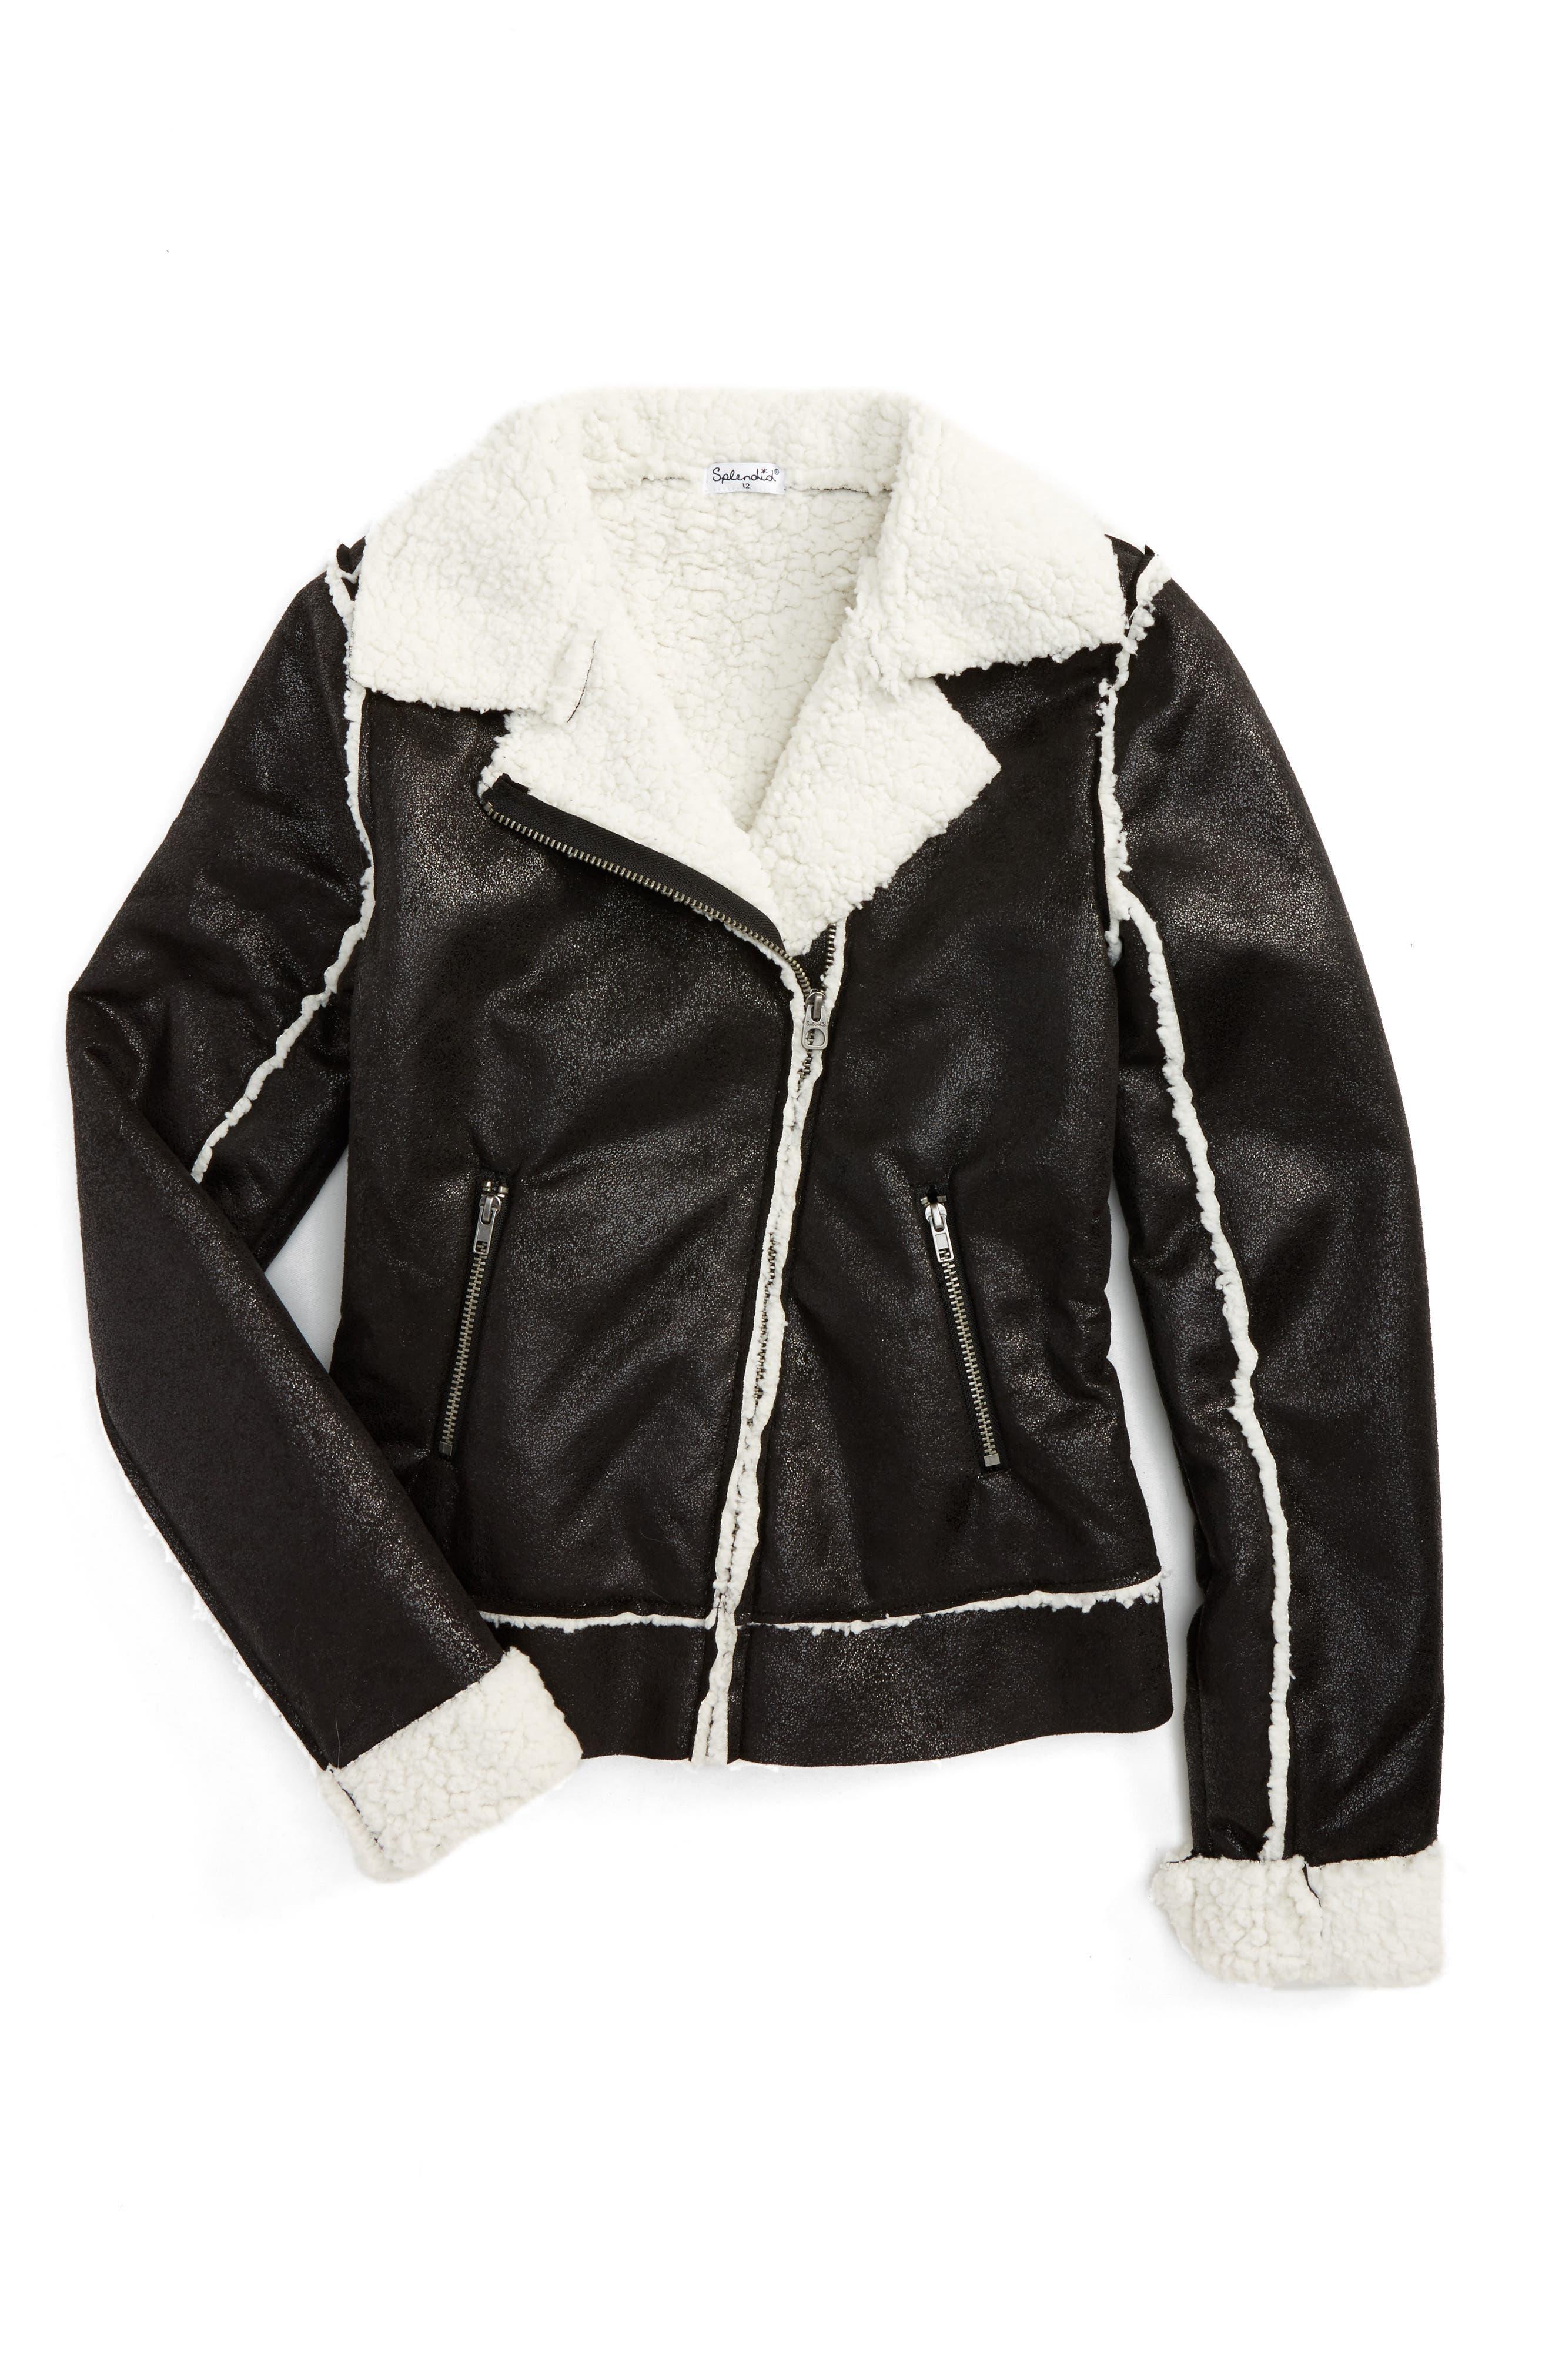 Alternate Image 1 Selected - Splendid Fleece Moto Jacket (Big Girls)